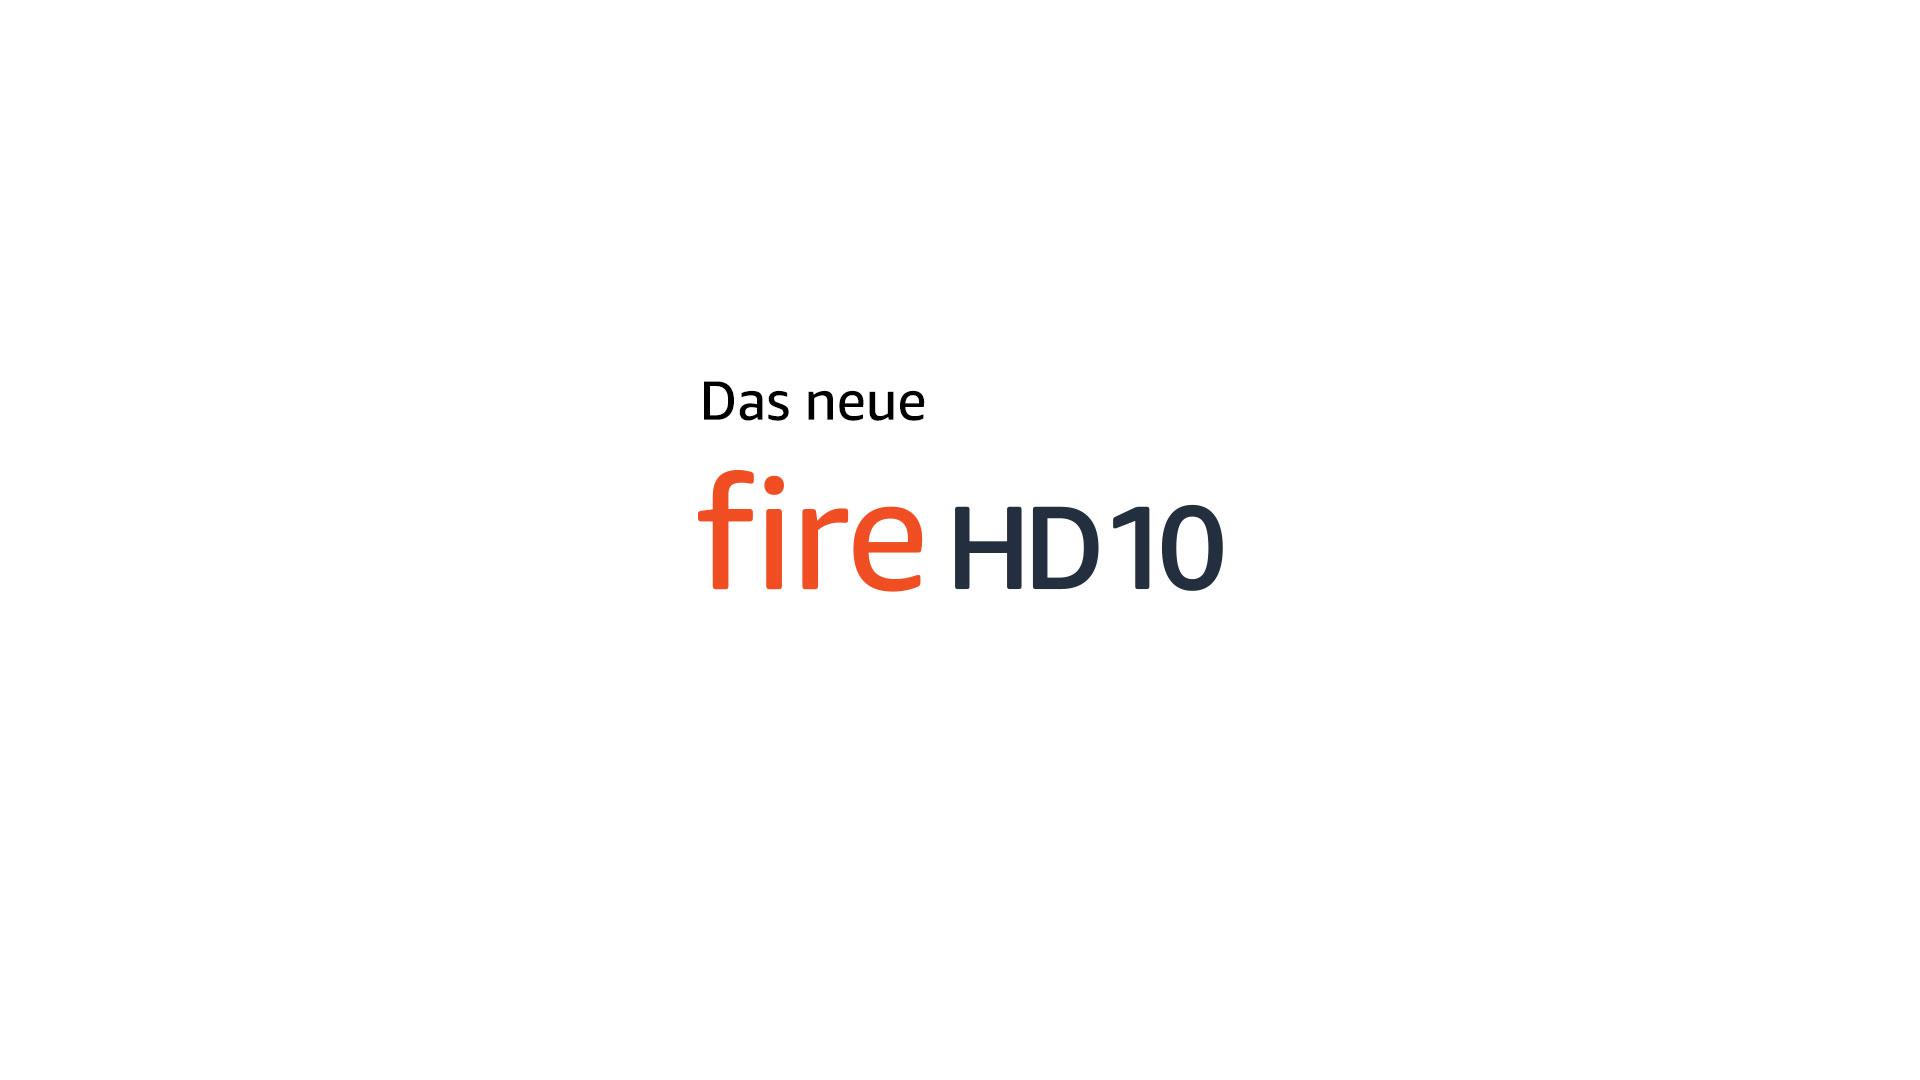 Das neue Fire HD 10-Tablet mit Alexa - Amazon.de